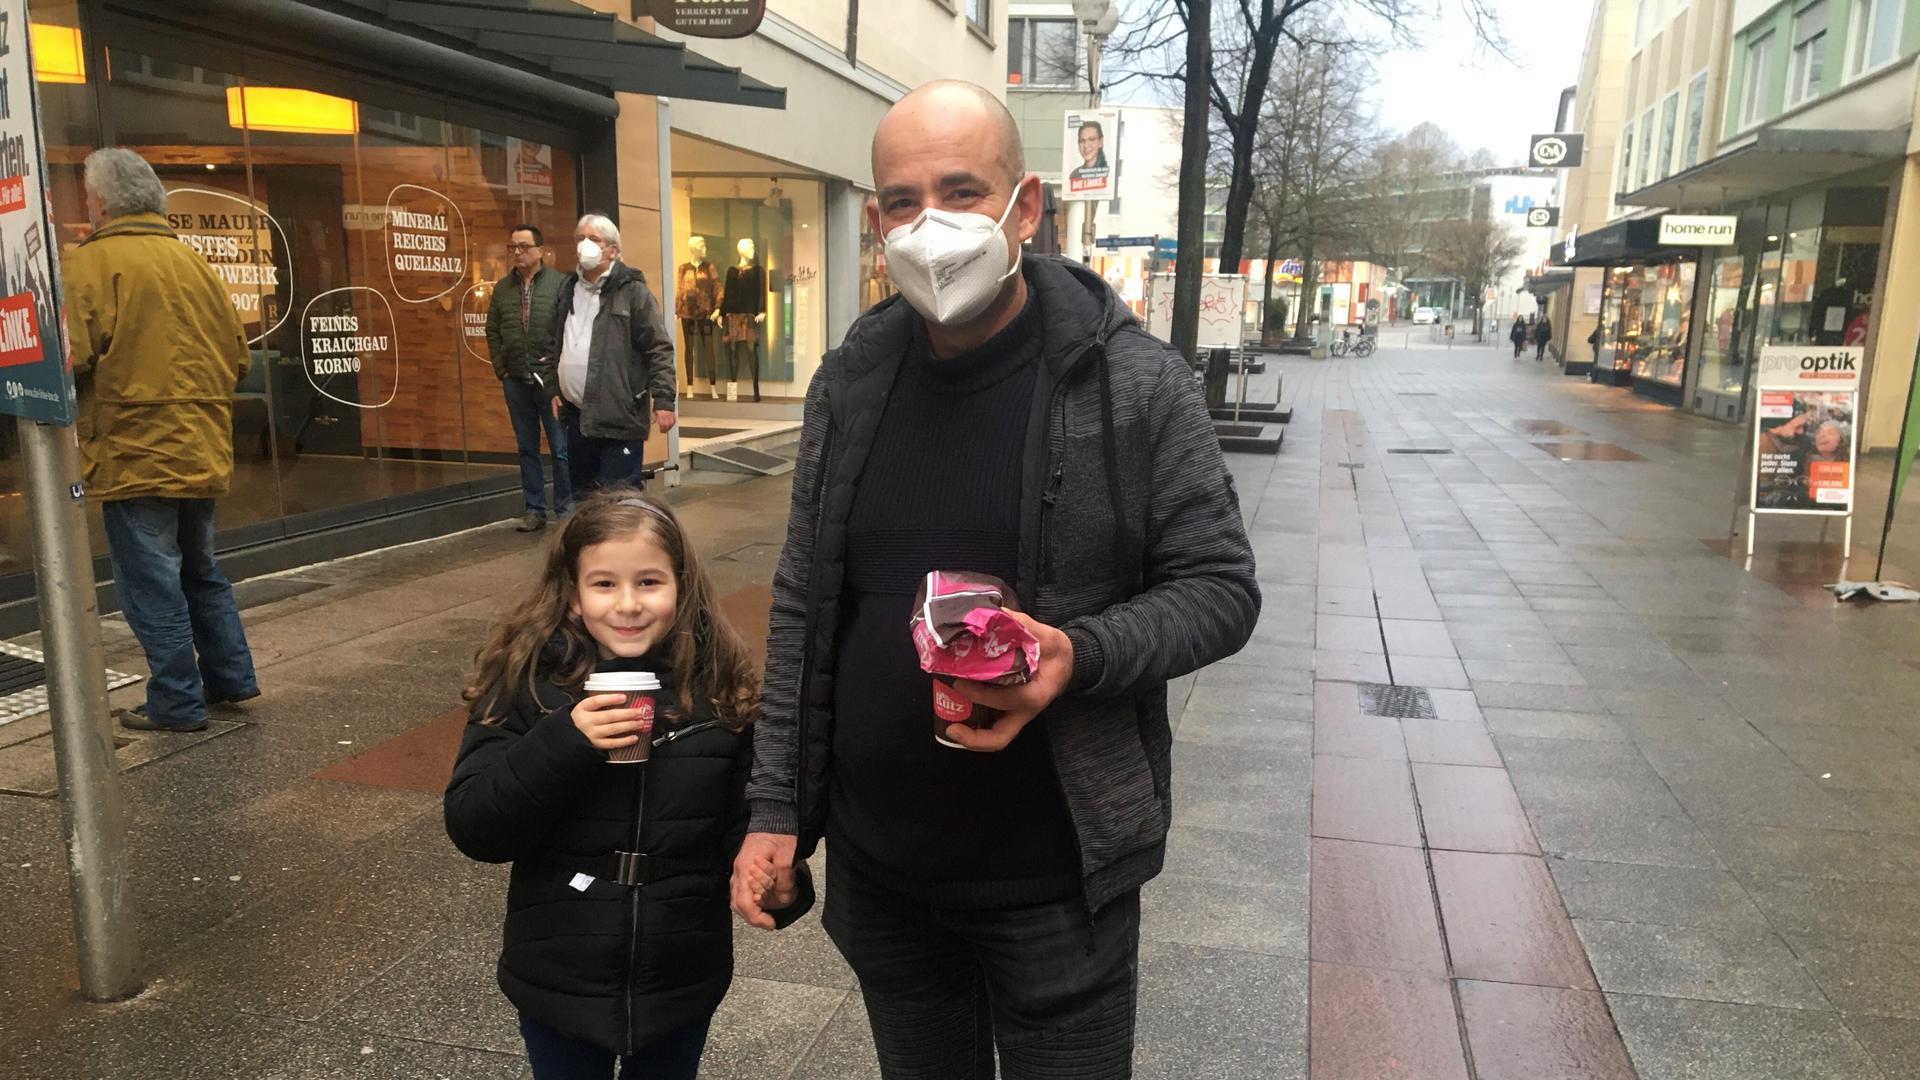 Mann mit Kind und Backertüten